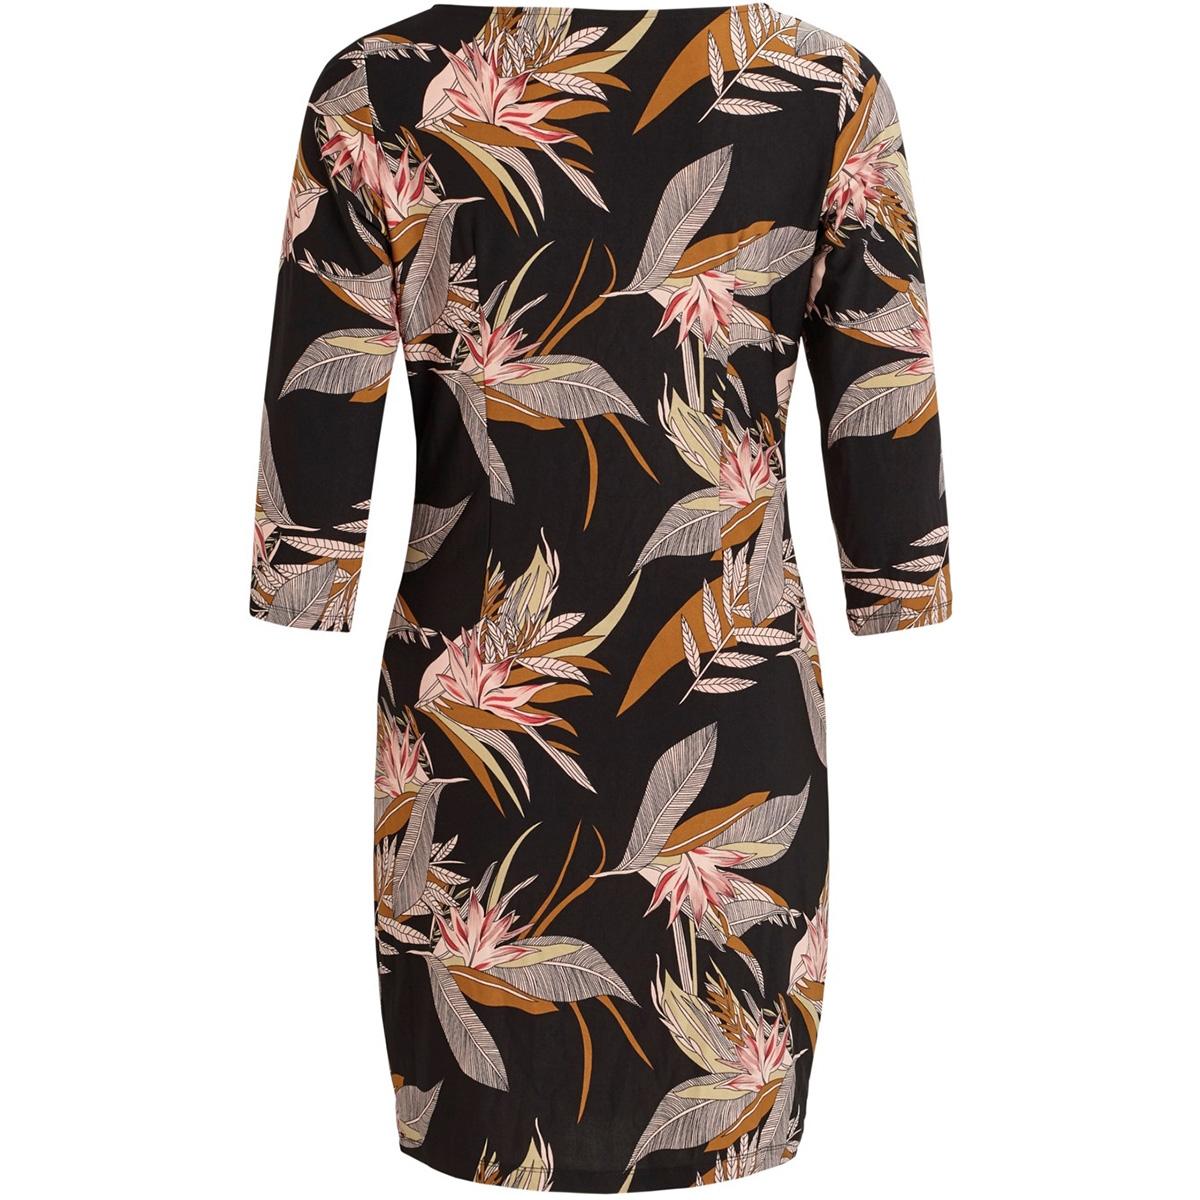 vijungle 3/4 dress/st 14057855 vila jurk black/jungle print